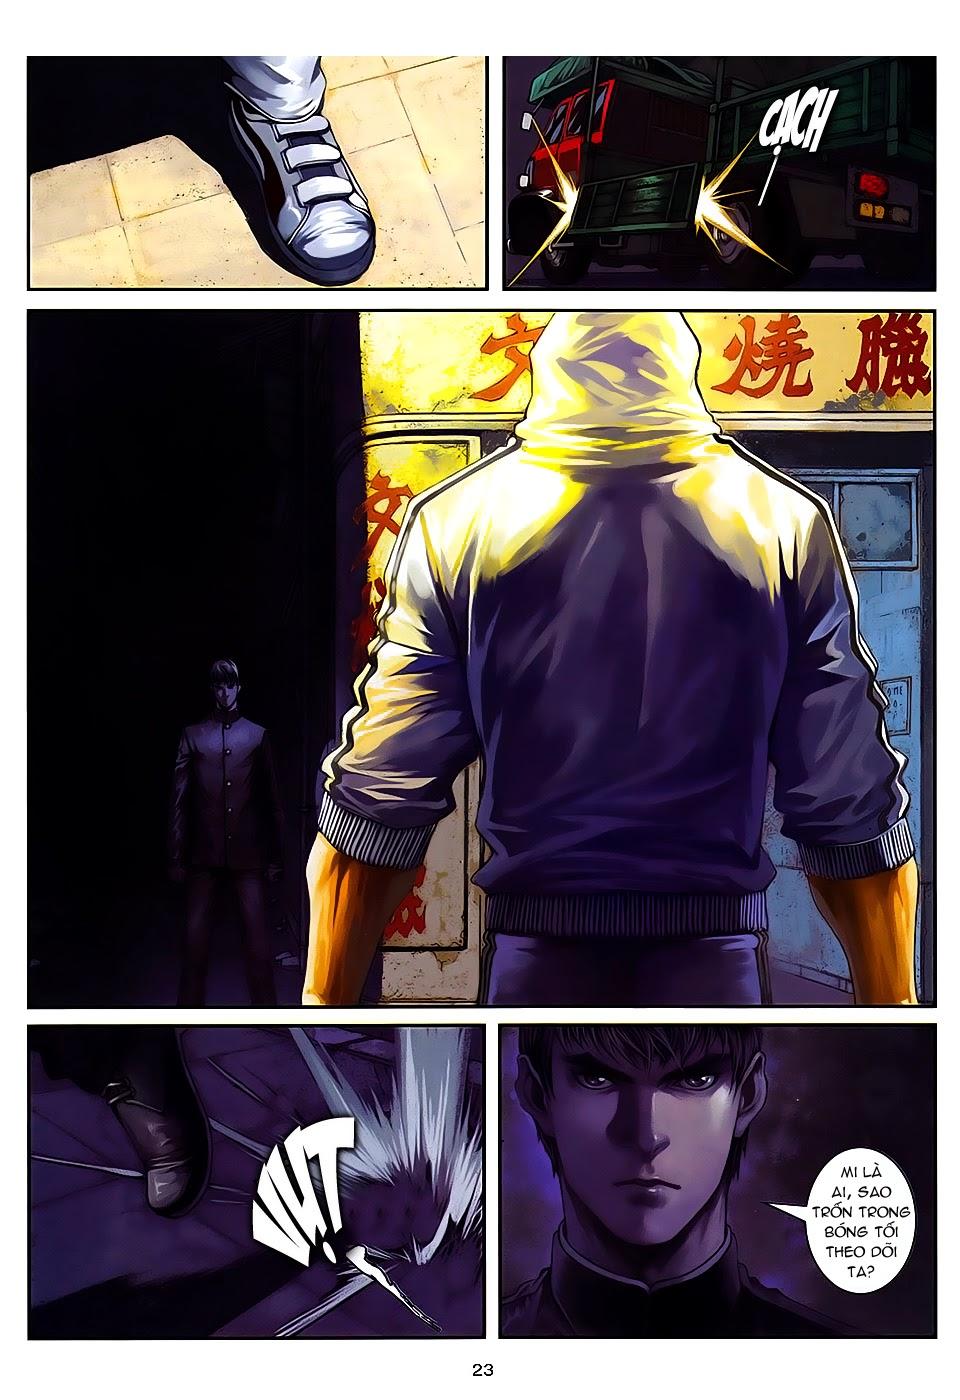 Quyền Đạo chapter 8 trang 23